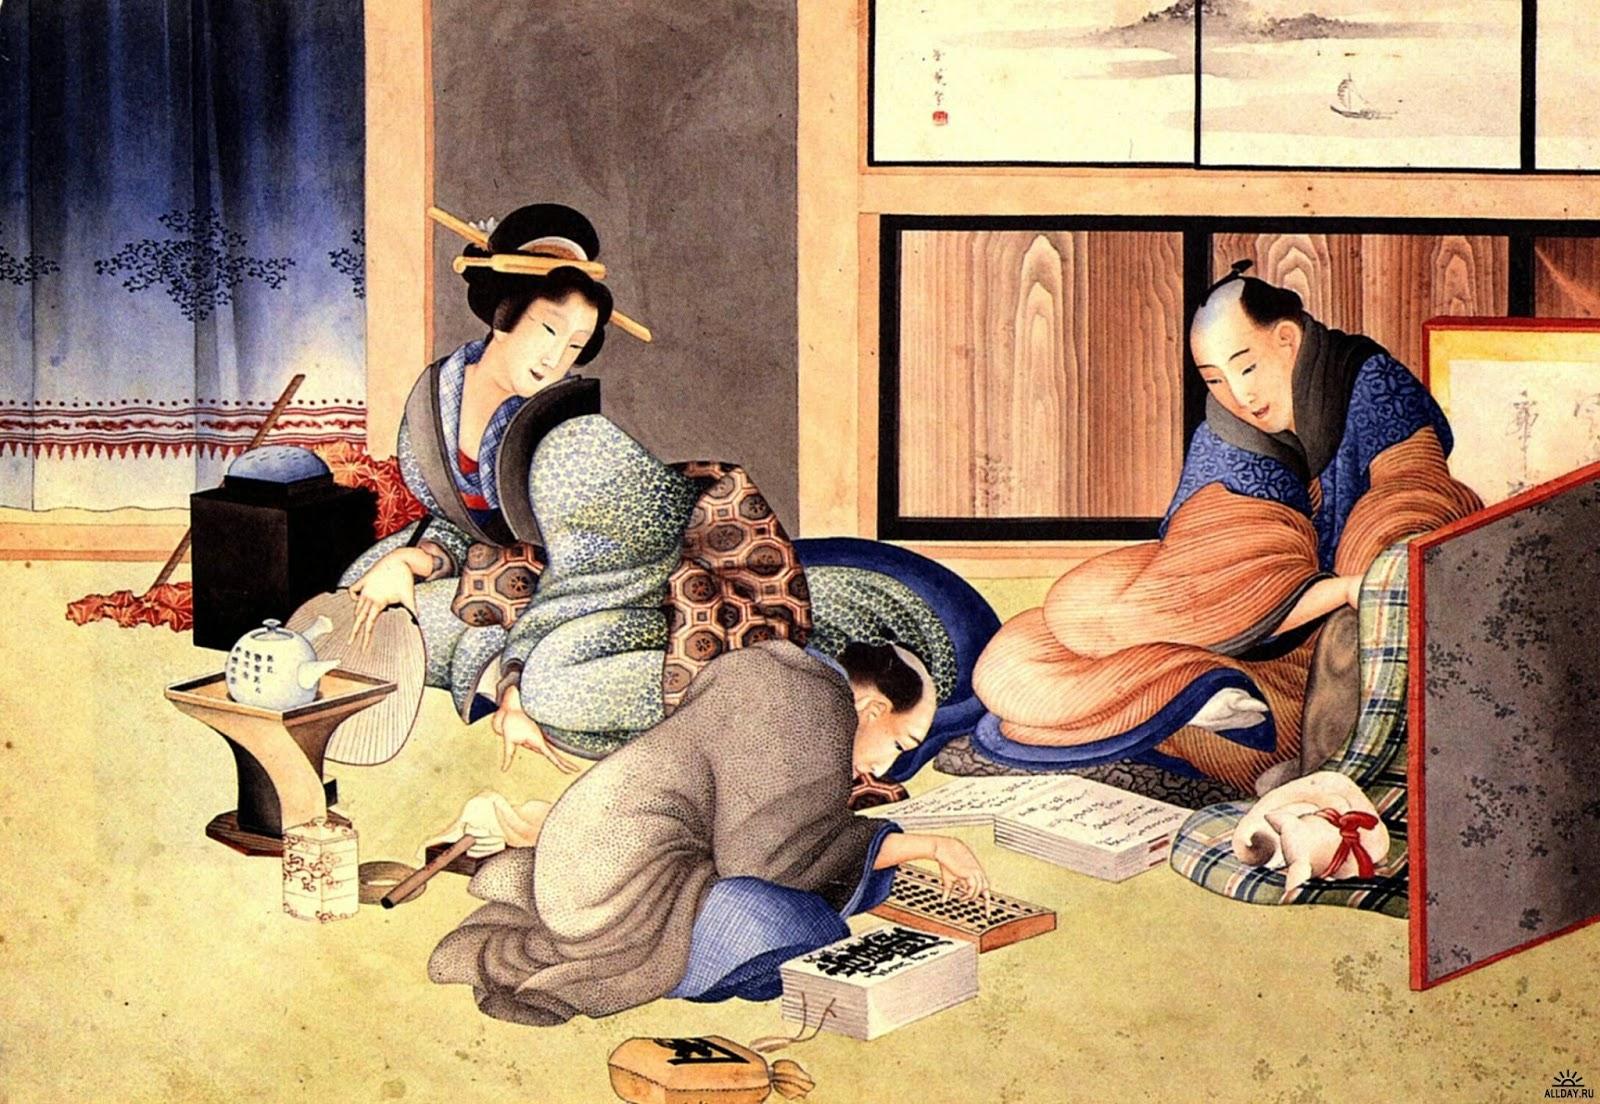 Рисунки фемдом японских художников 9 фотография